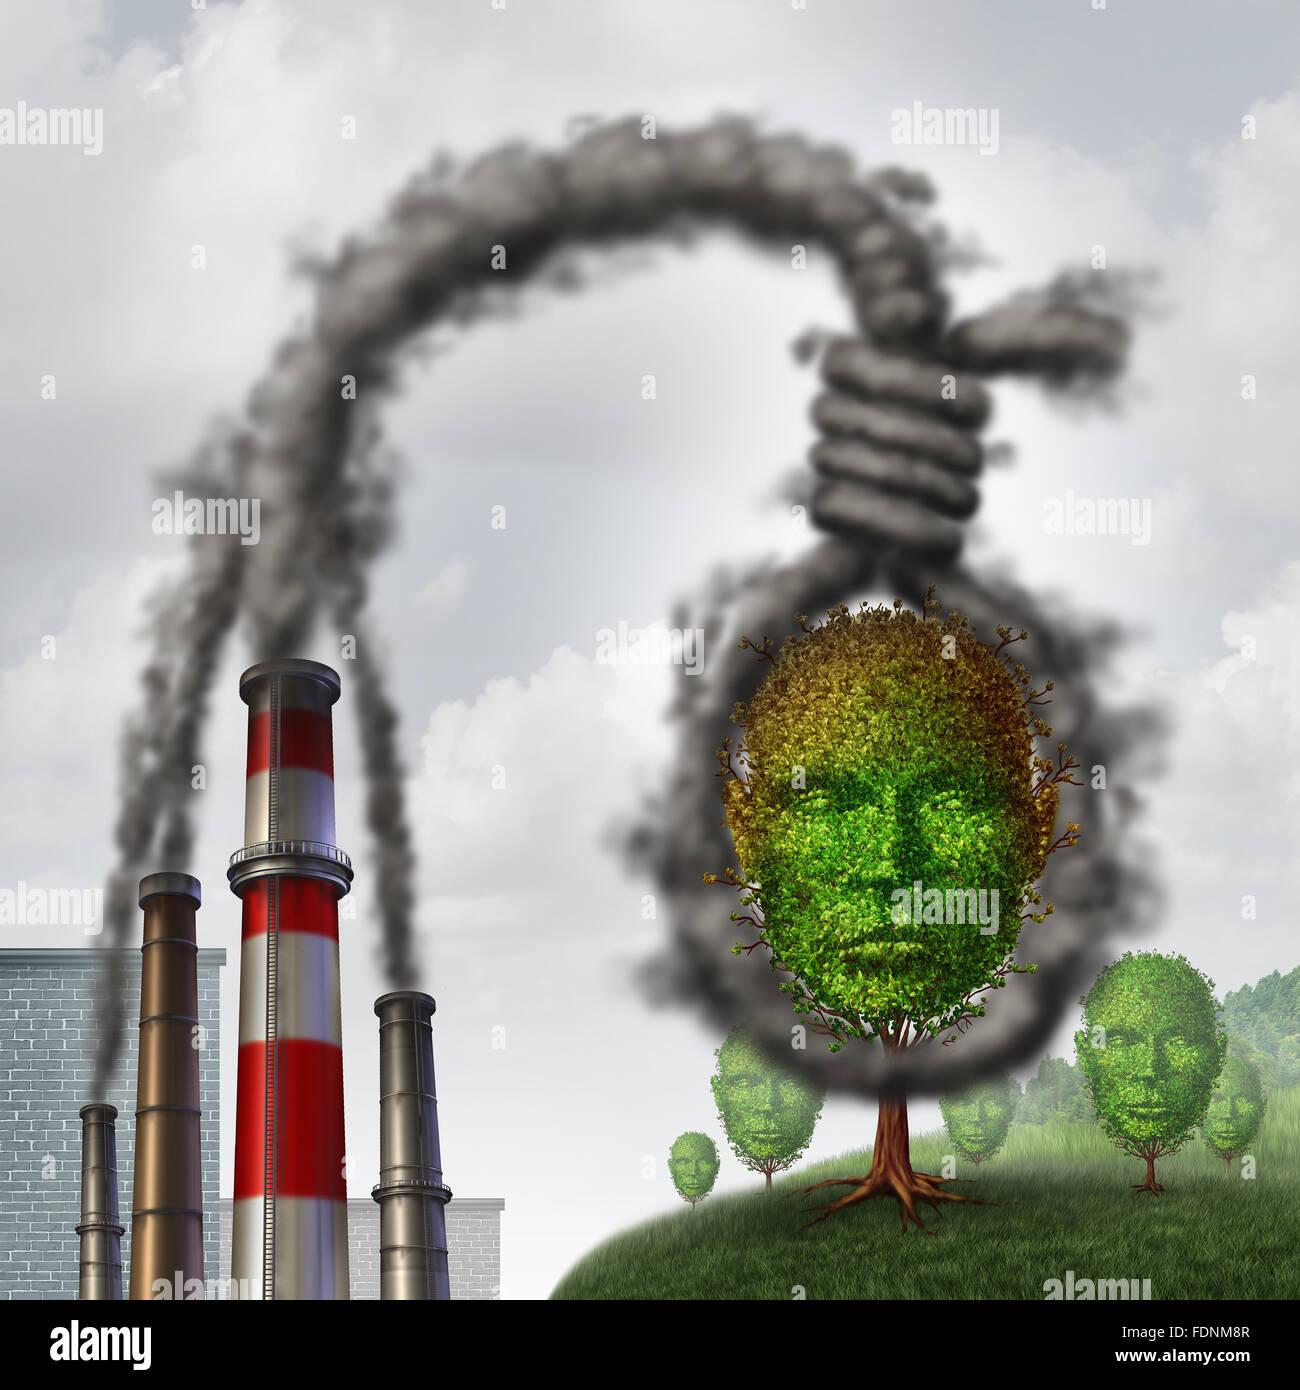 Ambientale il concetto di suicidio come sporco industriale inquinamento conformata come una corda cappio parzializzazione Immagini Stock